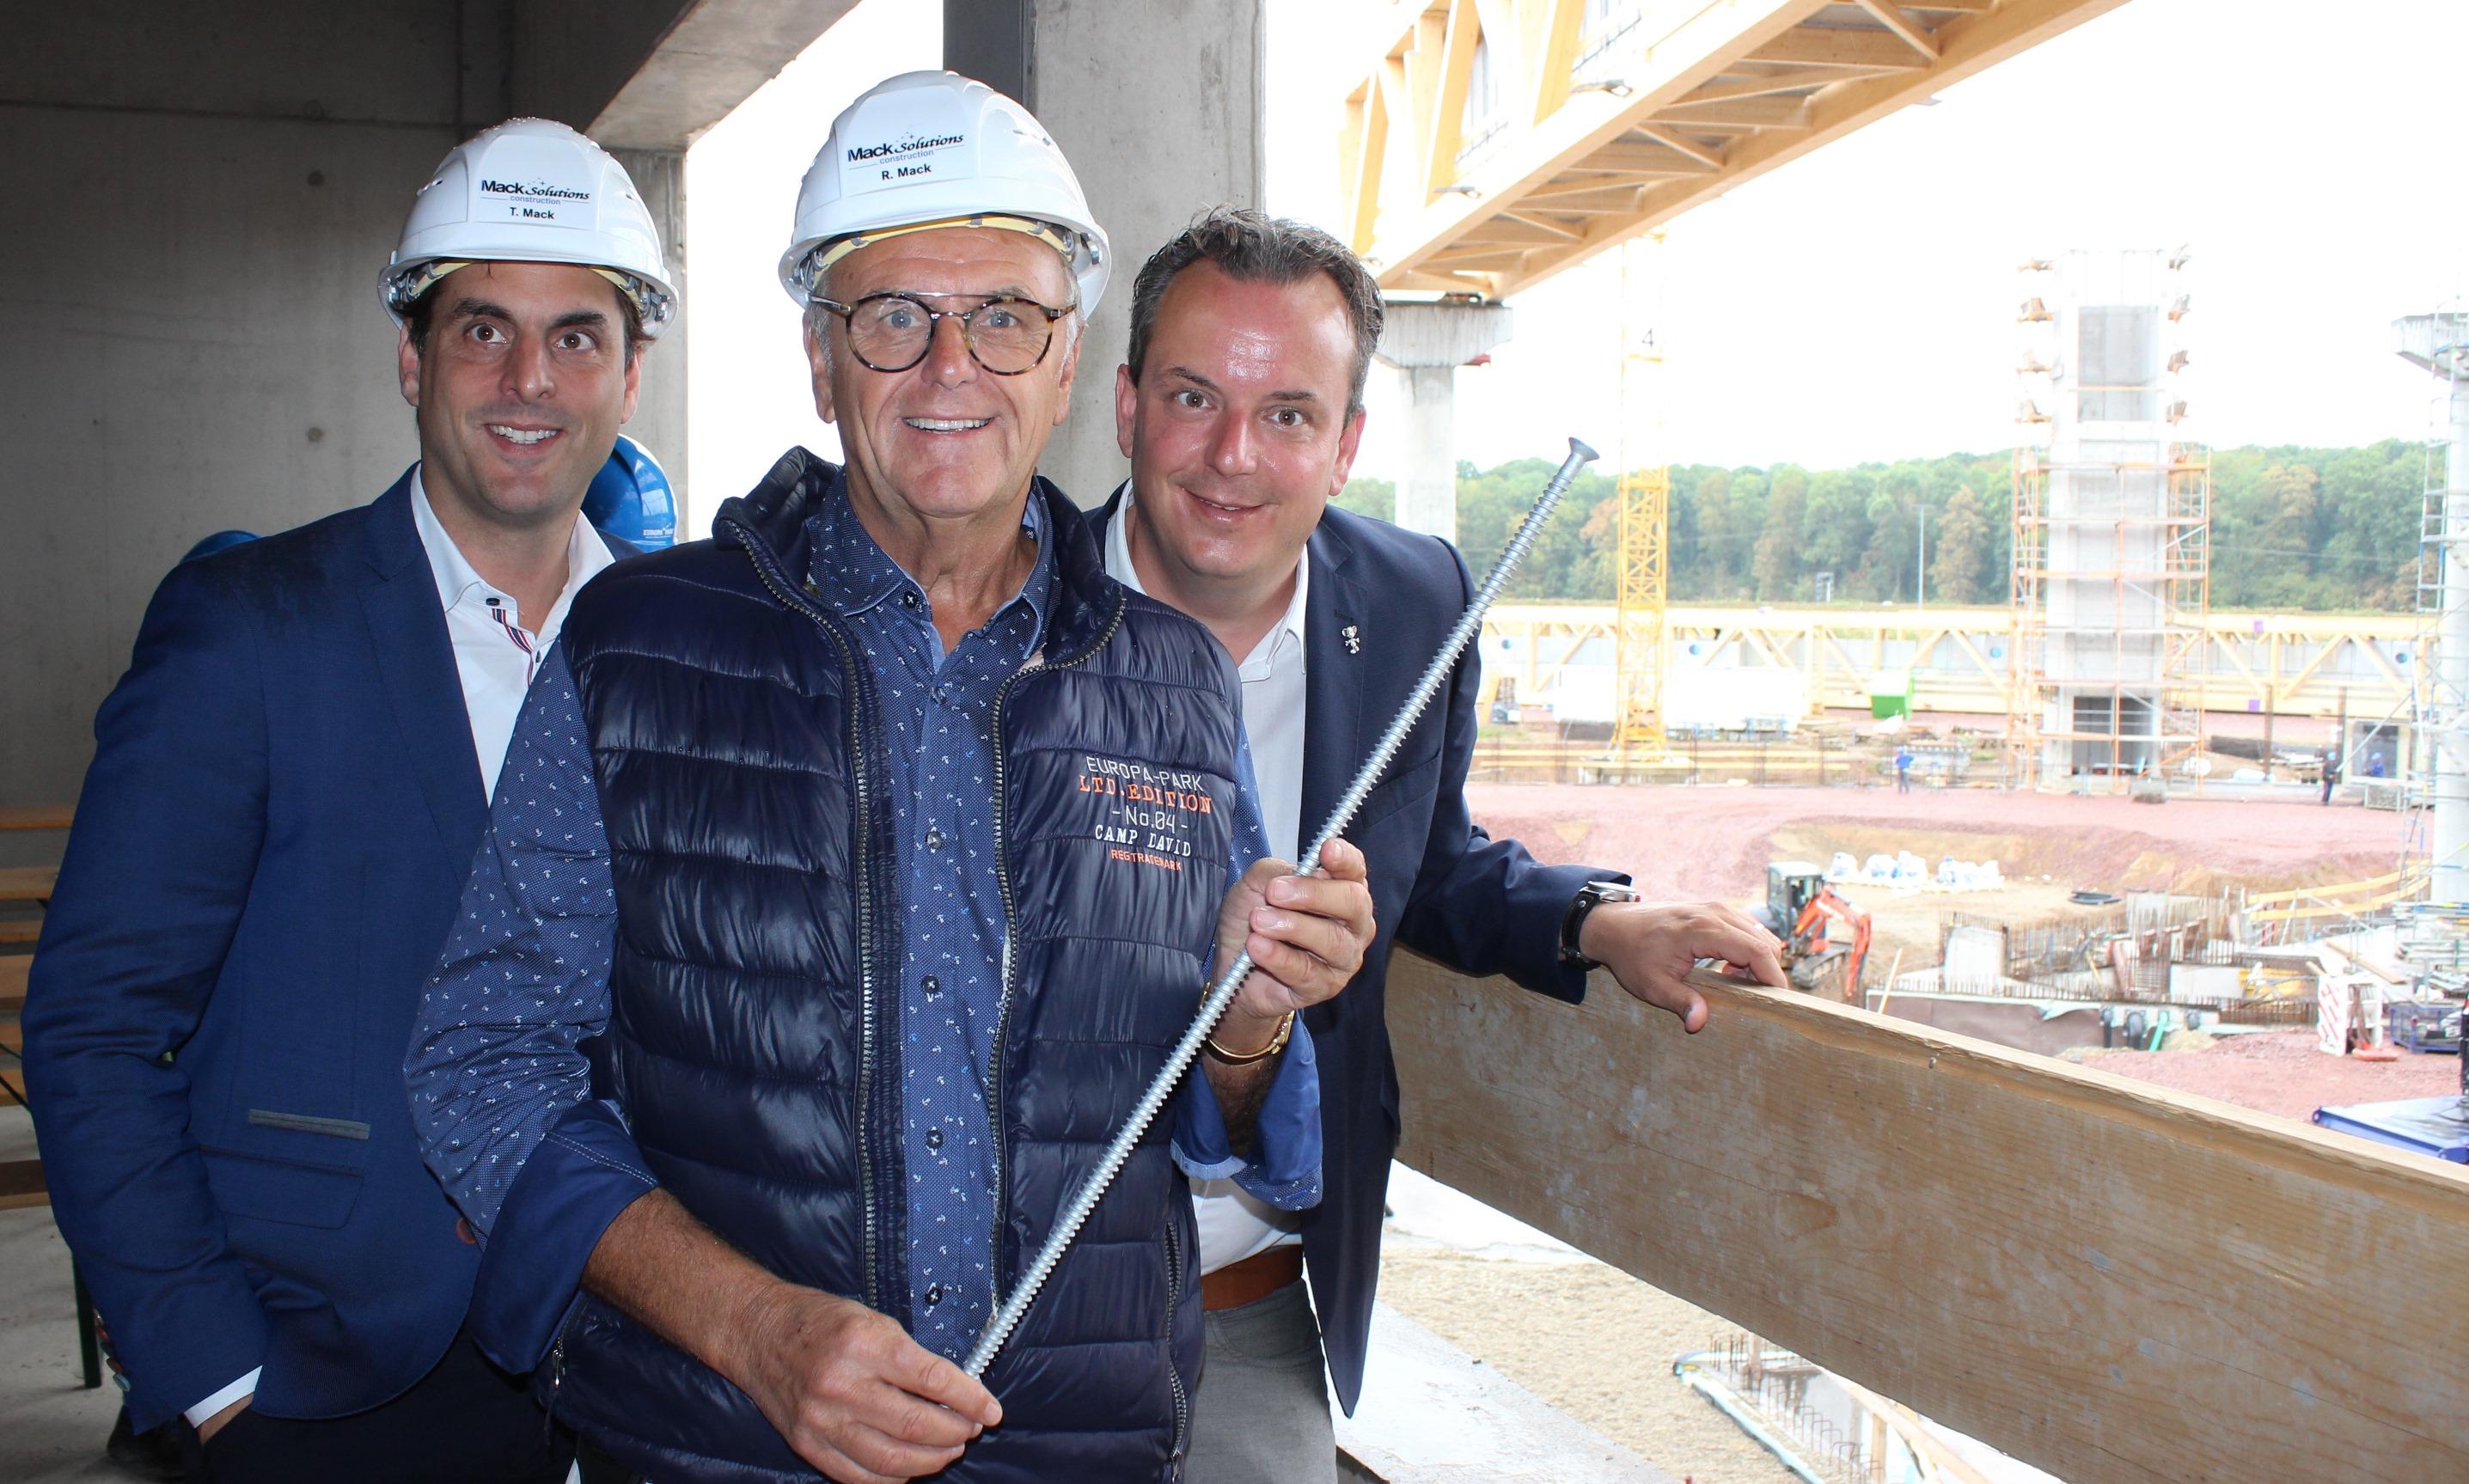 Thomas, Roland und Michael Mack (v.l.n.r.) sind begeistert von den Dimensionen der Riesen-Baustelle!